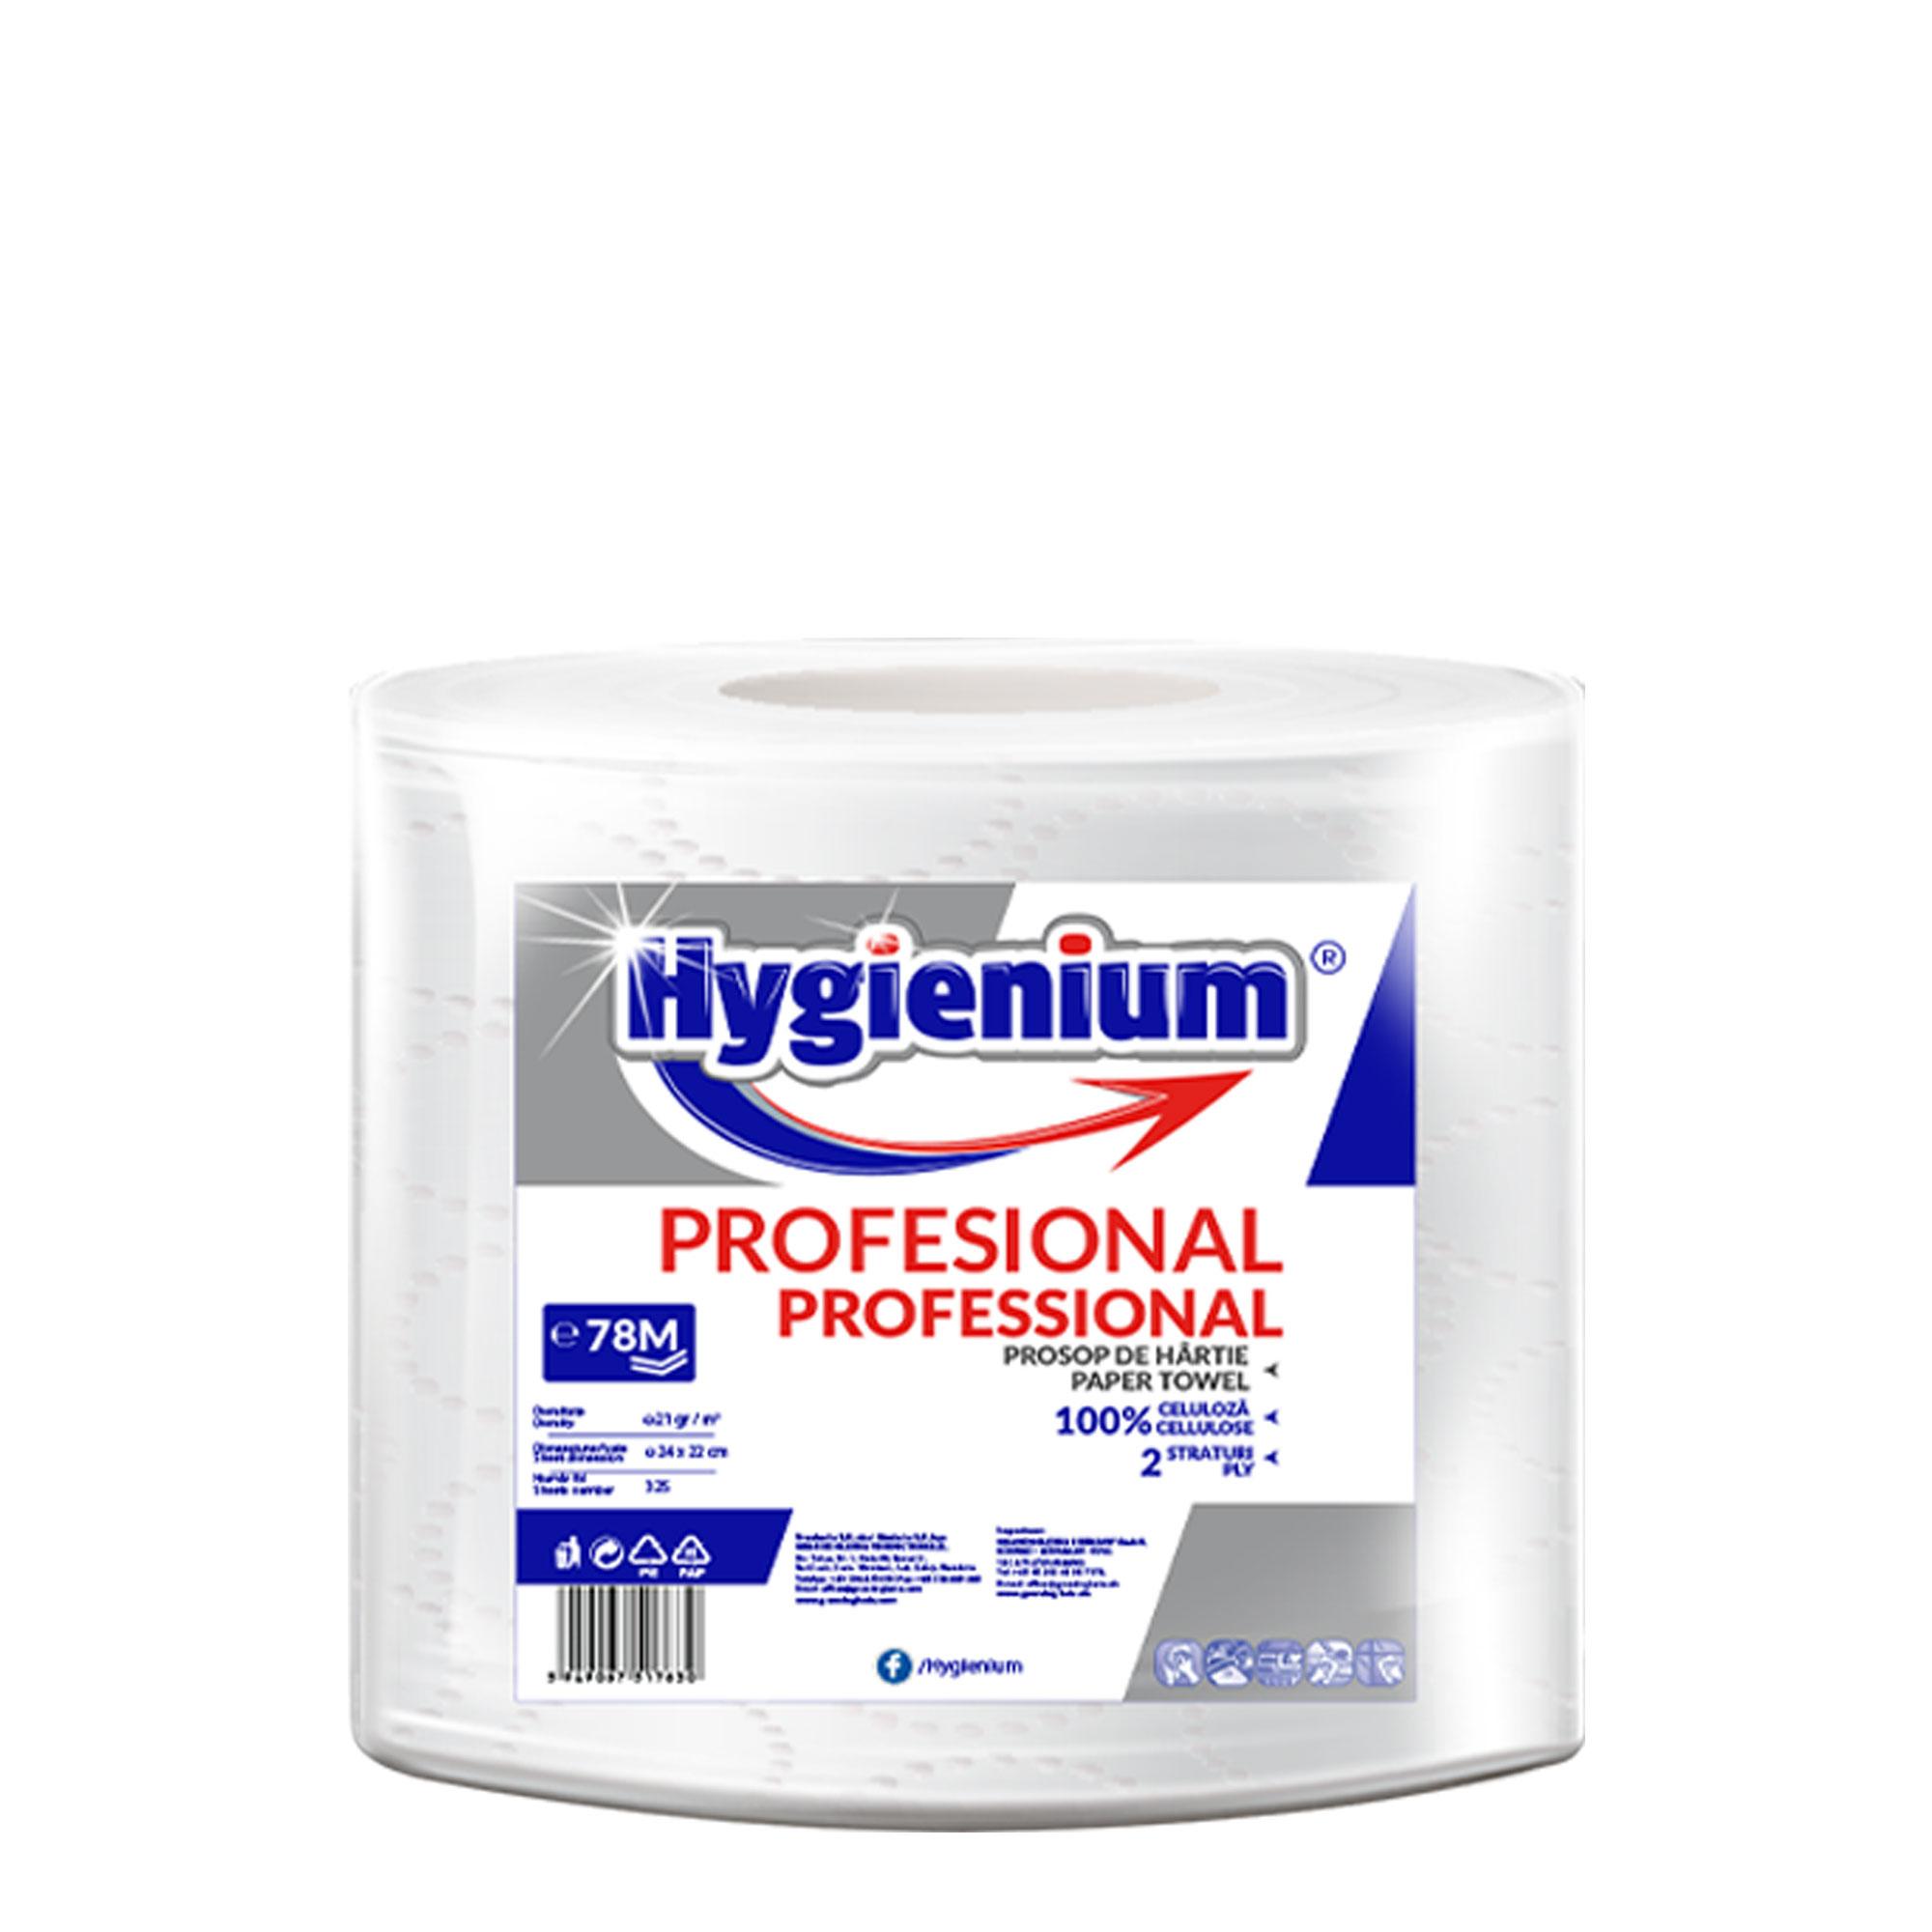 Hygienium Professional Prosop hartie 78 M